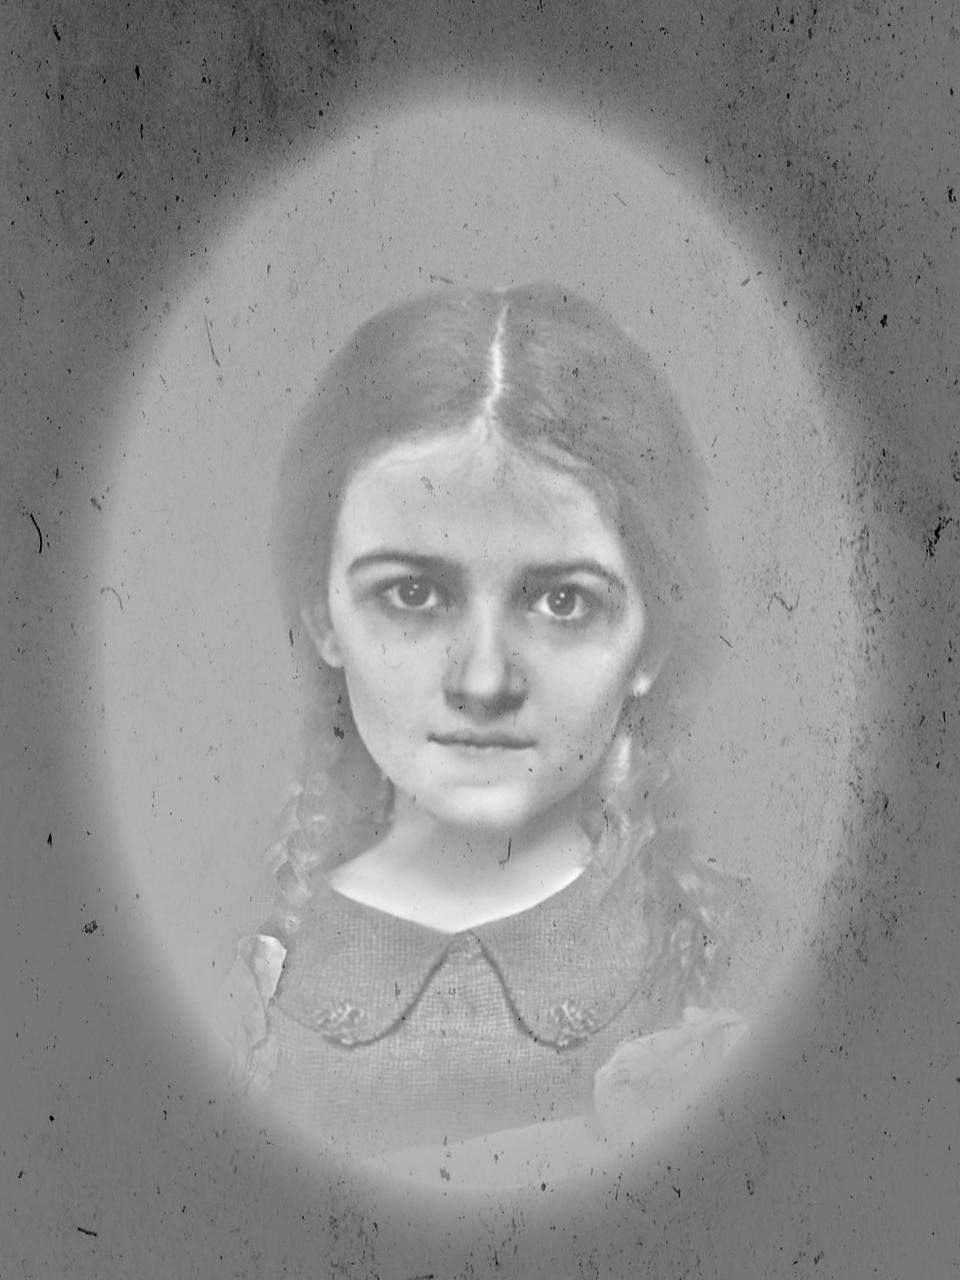 Sickly child portrait